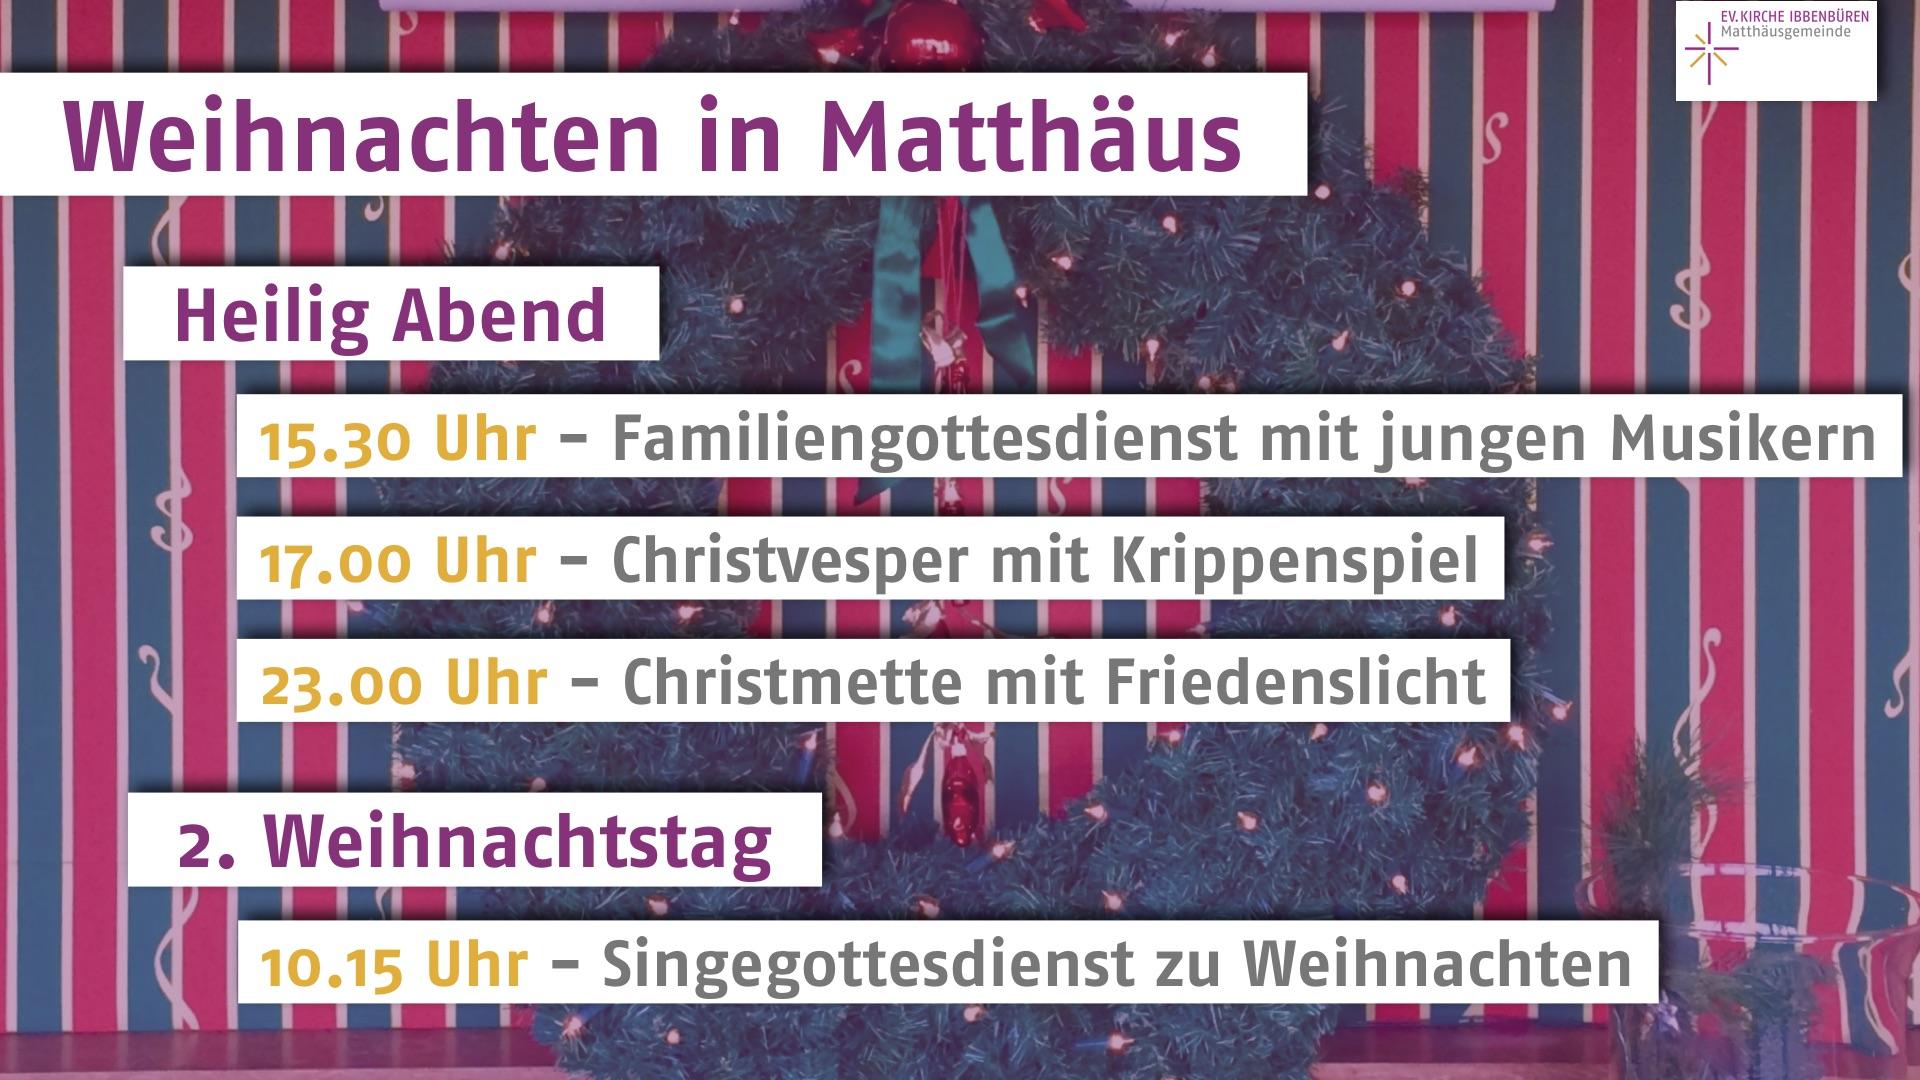 20171224_Weihnachten in Matthäus